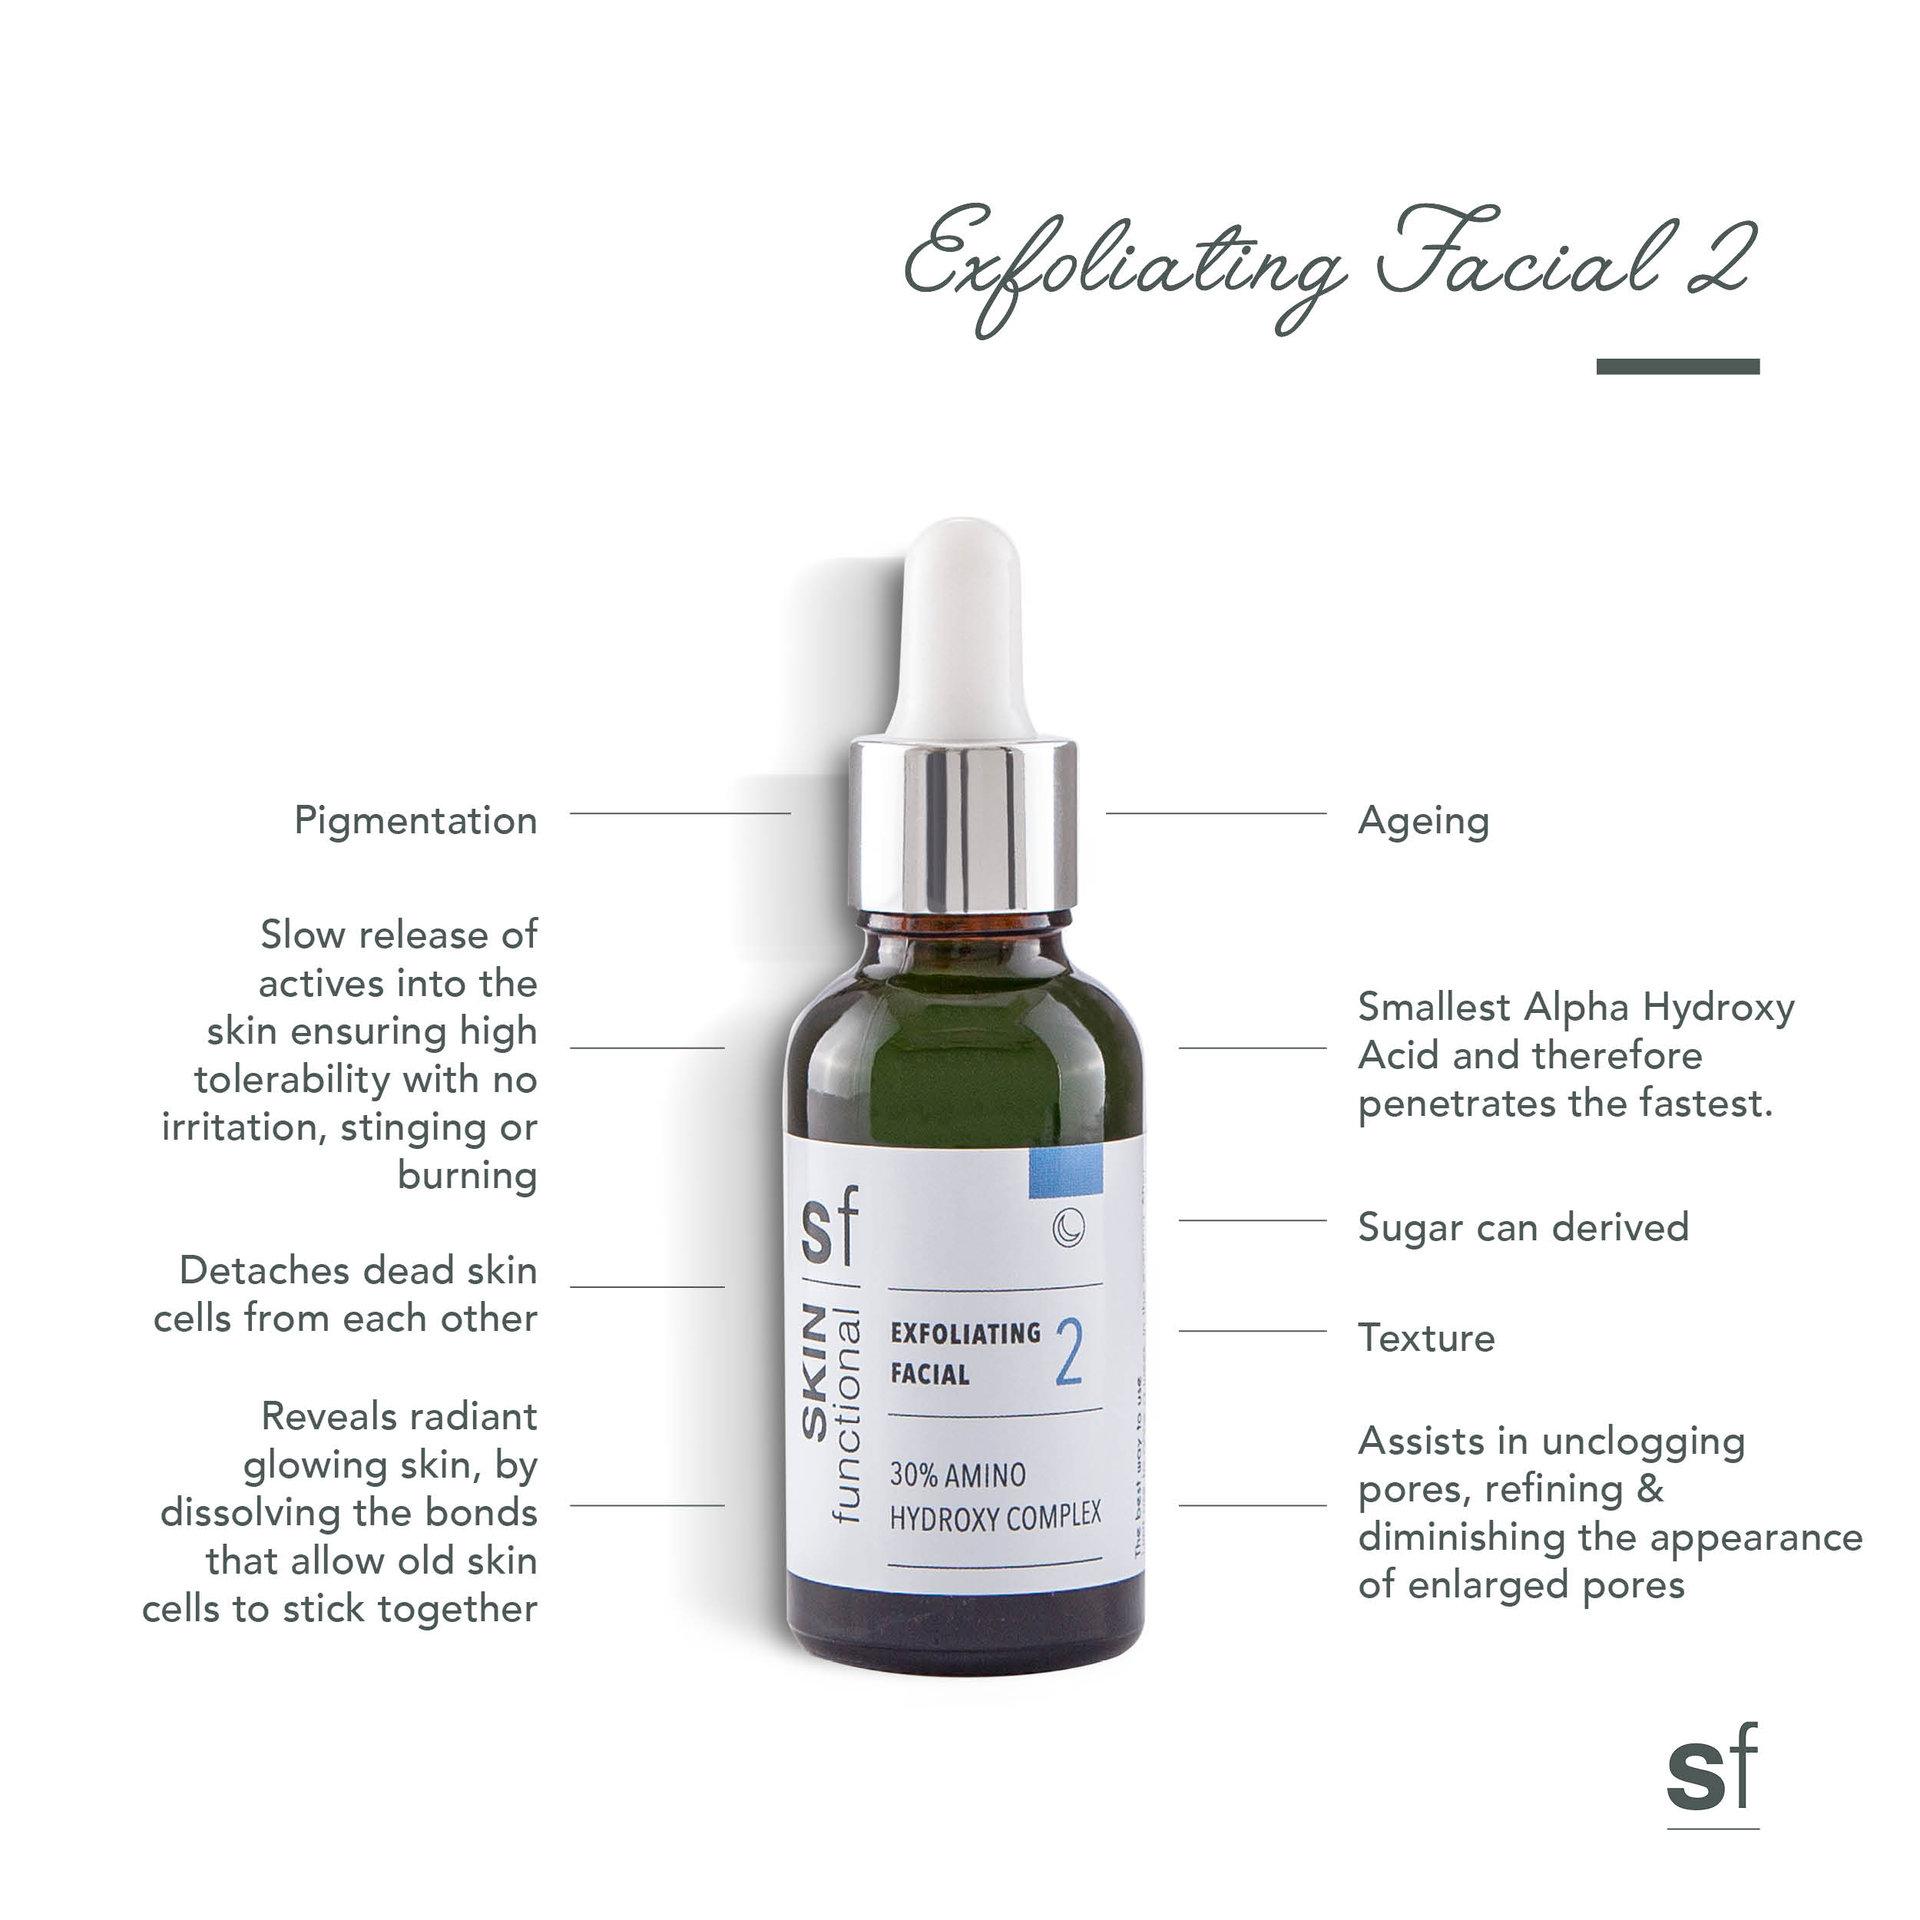 Exfoliating Facial 30% Amino Hydroxy Complex